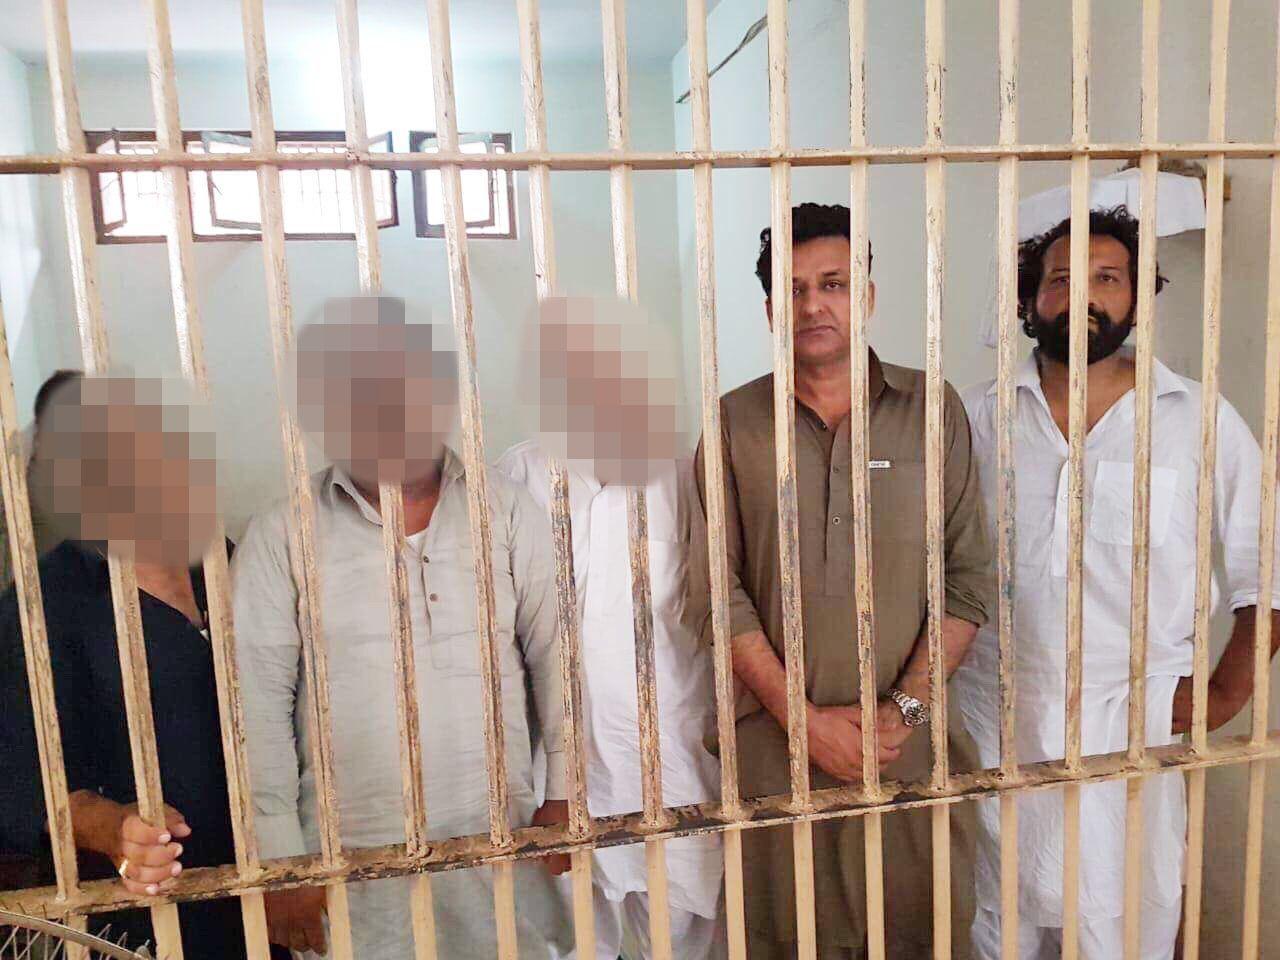 ARRESTERT: TV 2 melder selv på sine nettsider at deres reporter Kadafi Zaman er fengslet i Pakistan. Dette bildet skal angivelig være fra fengselet. Mannen til venstre er politikeren Shabbir Ahmed.